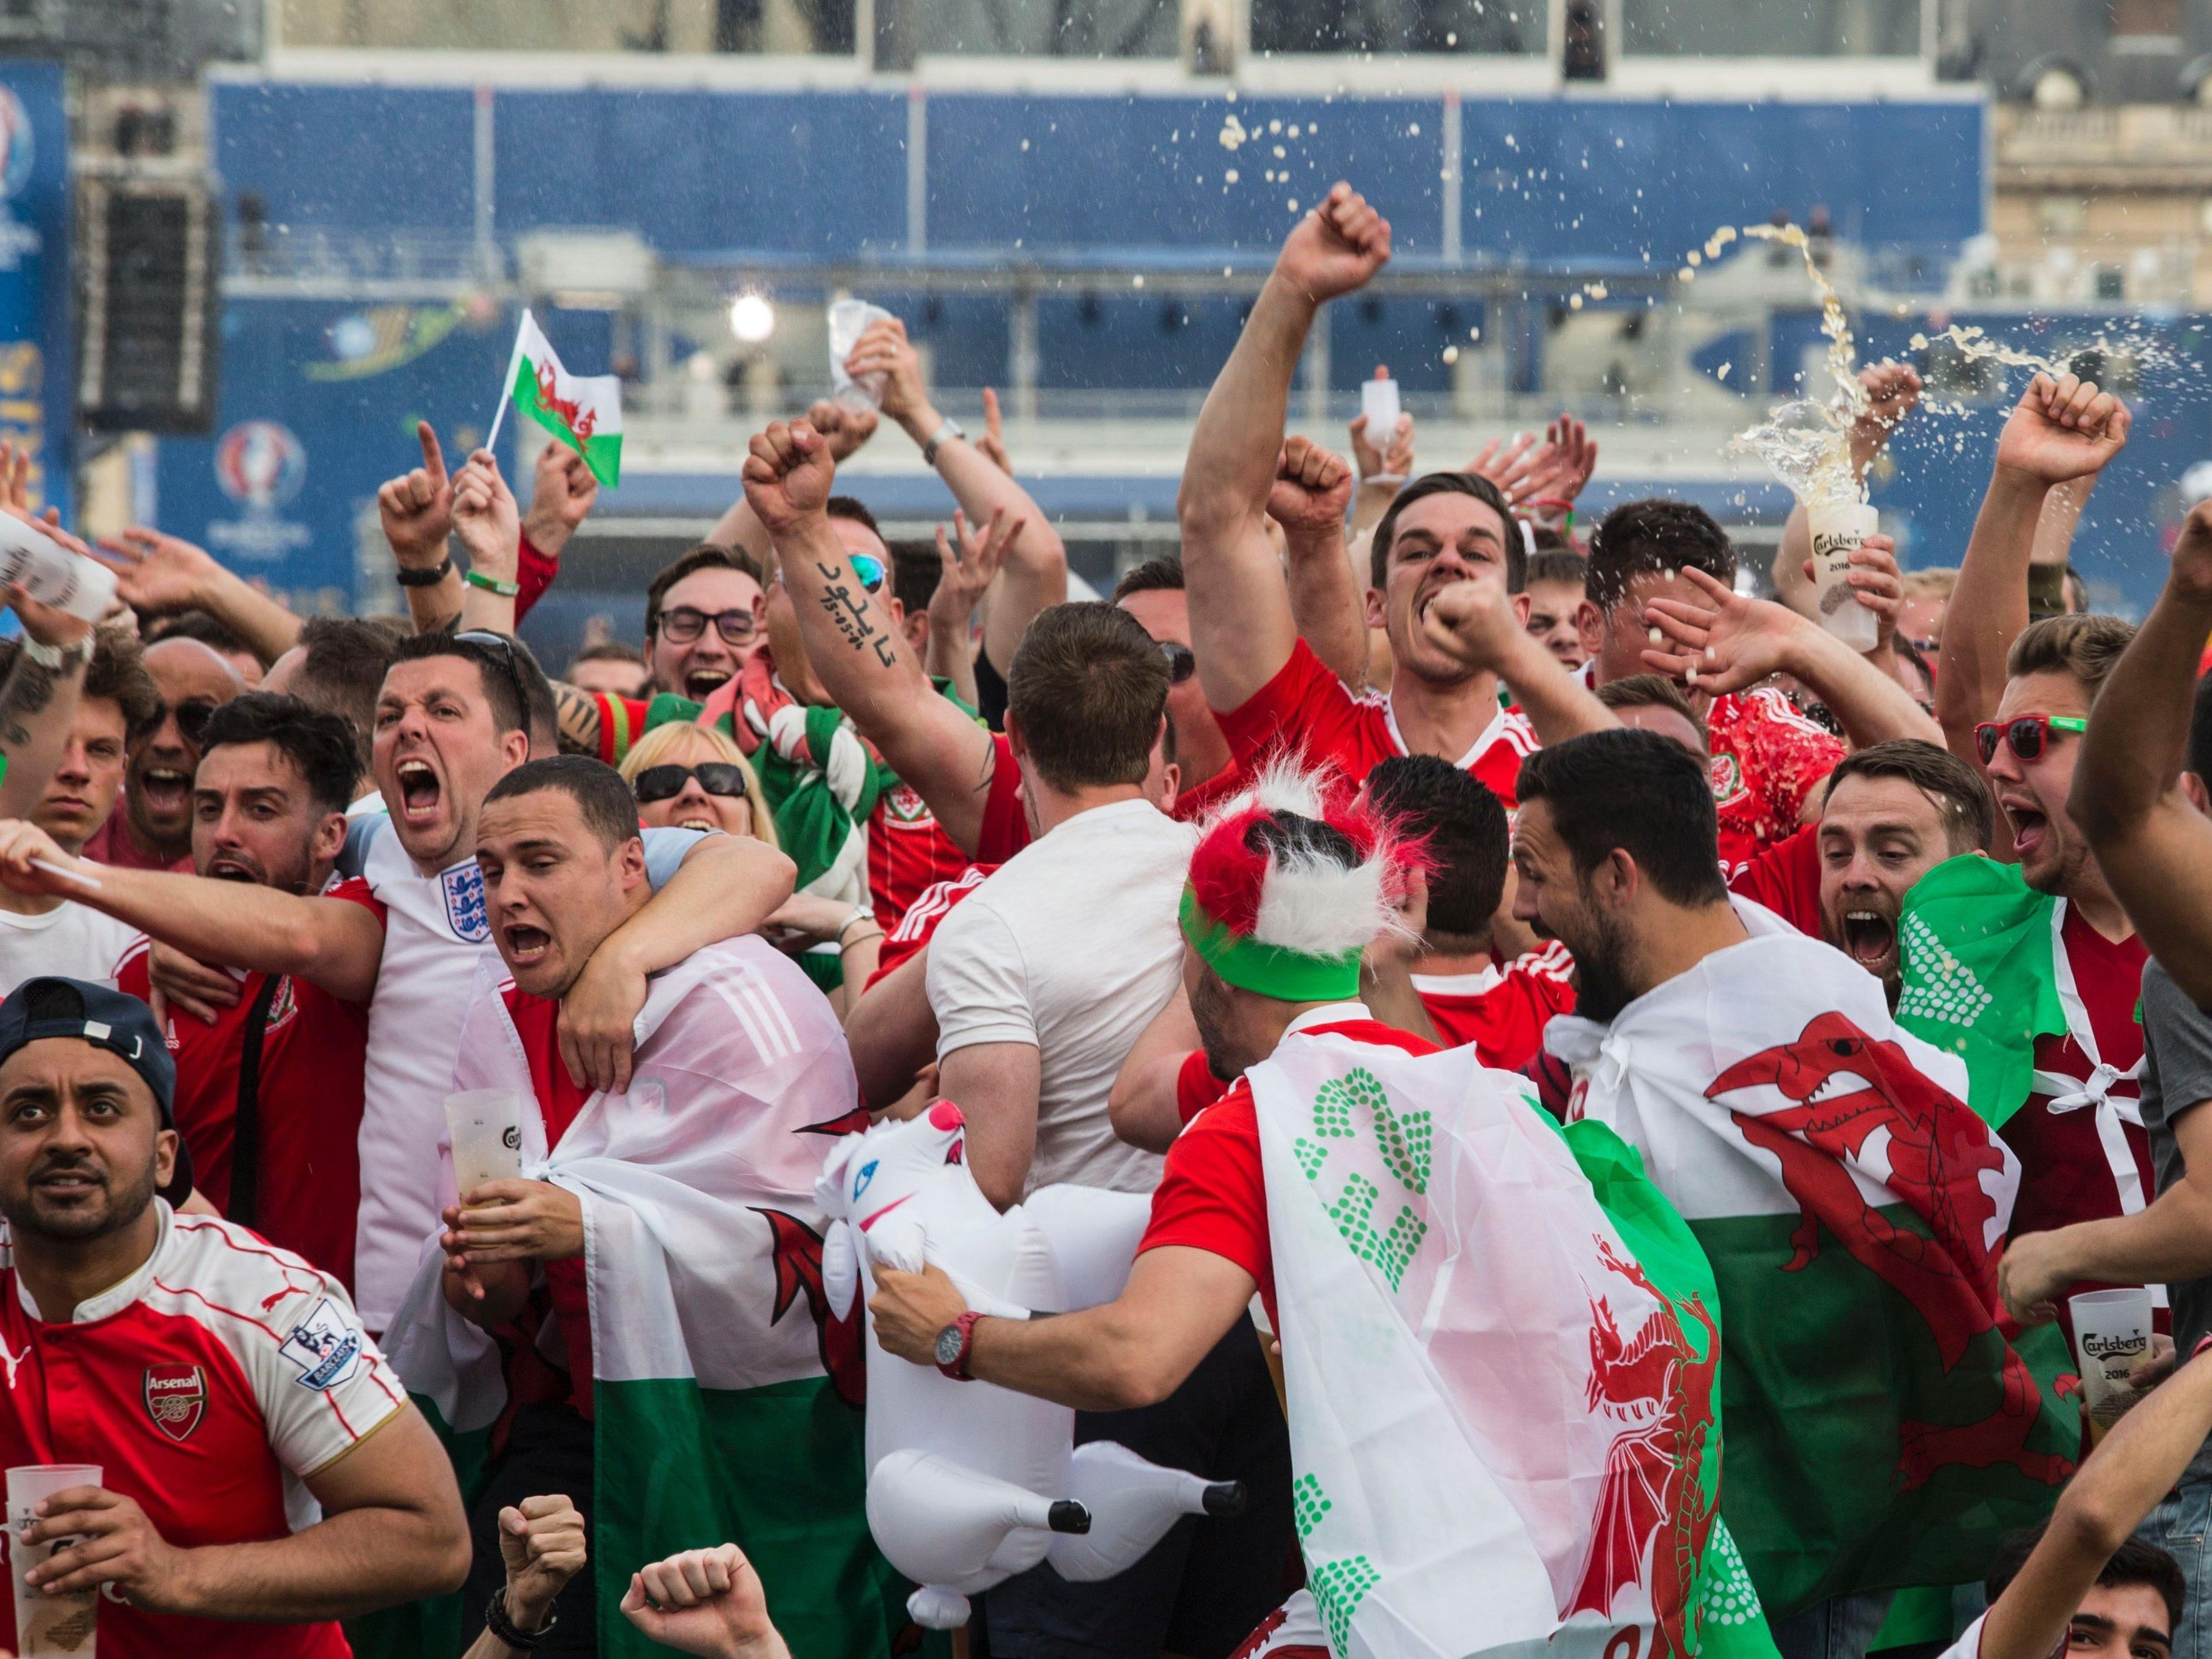 Die walisischen Fans in Aktion.